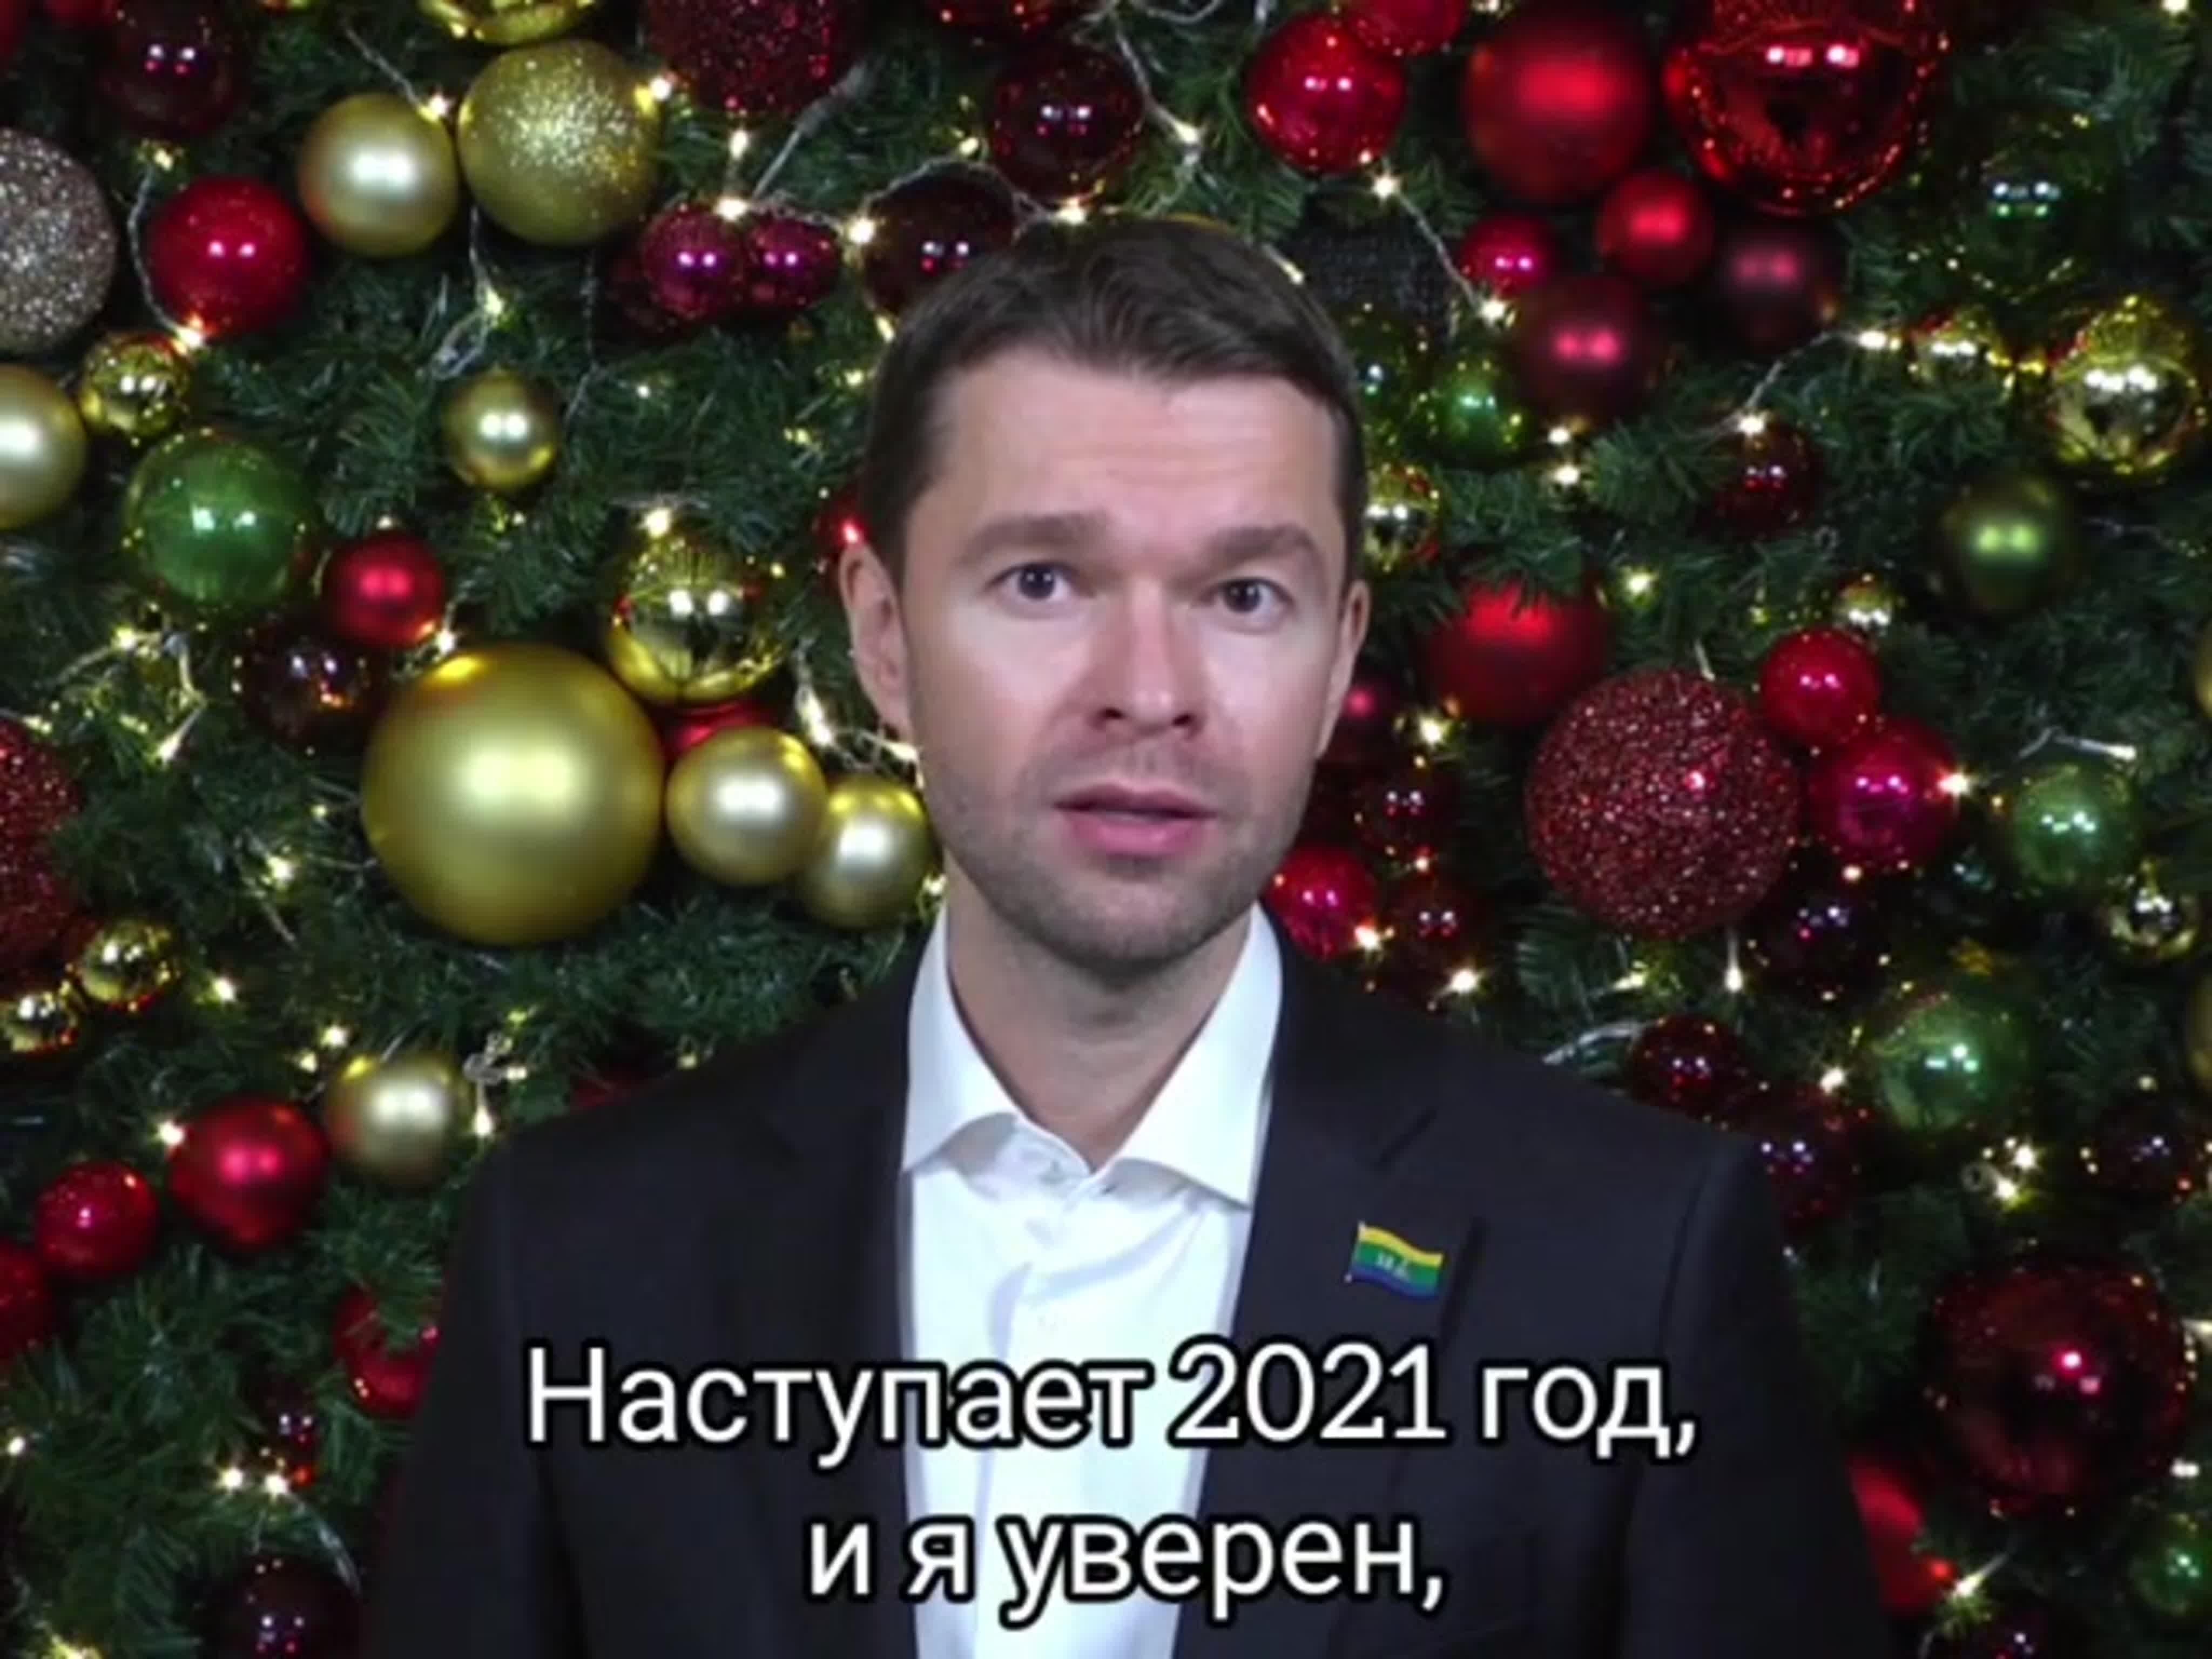 Дорогие друзья, с наступающим Новым годом! Желаю